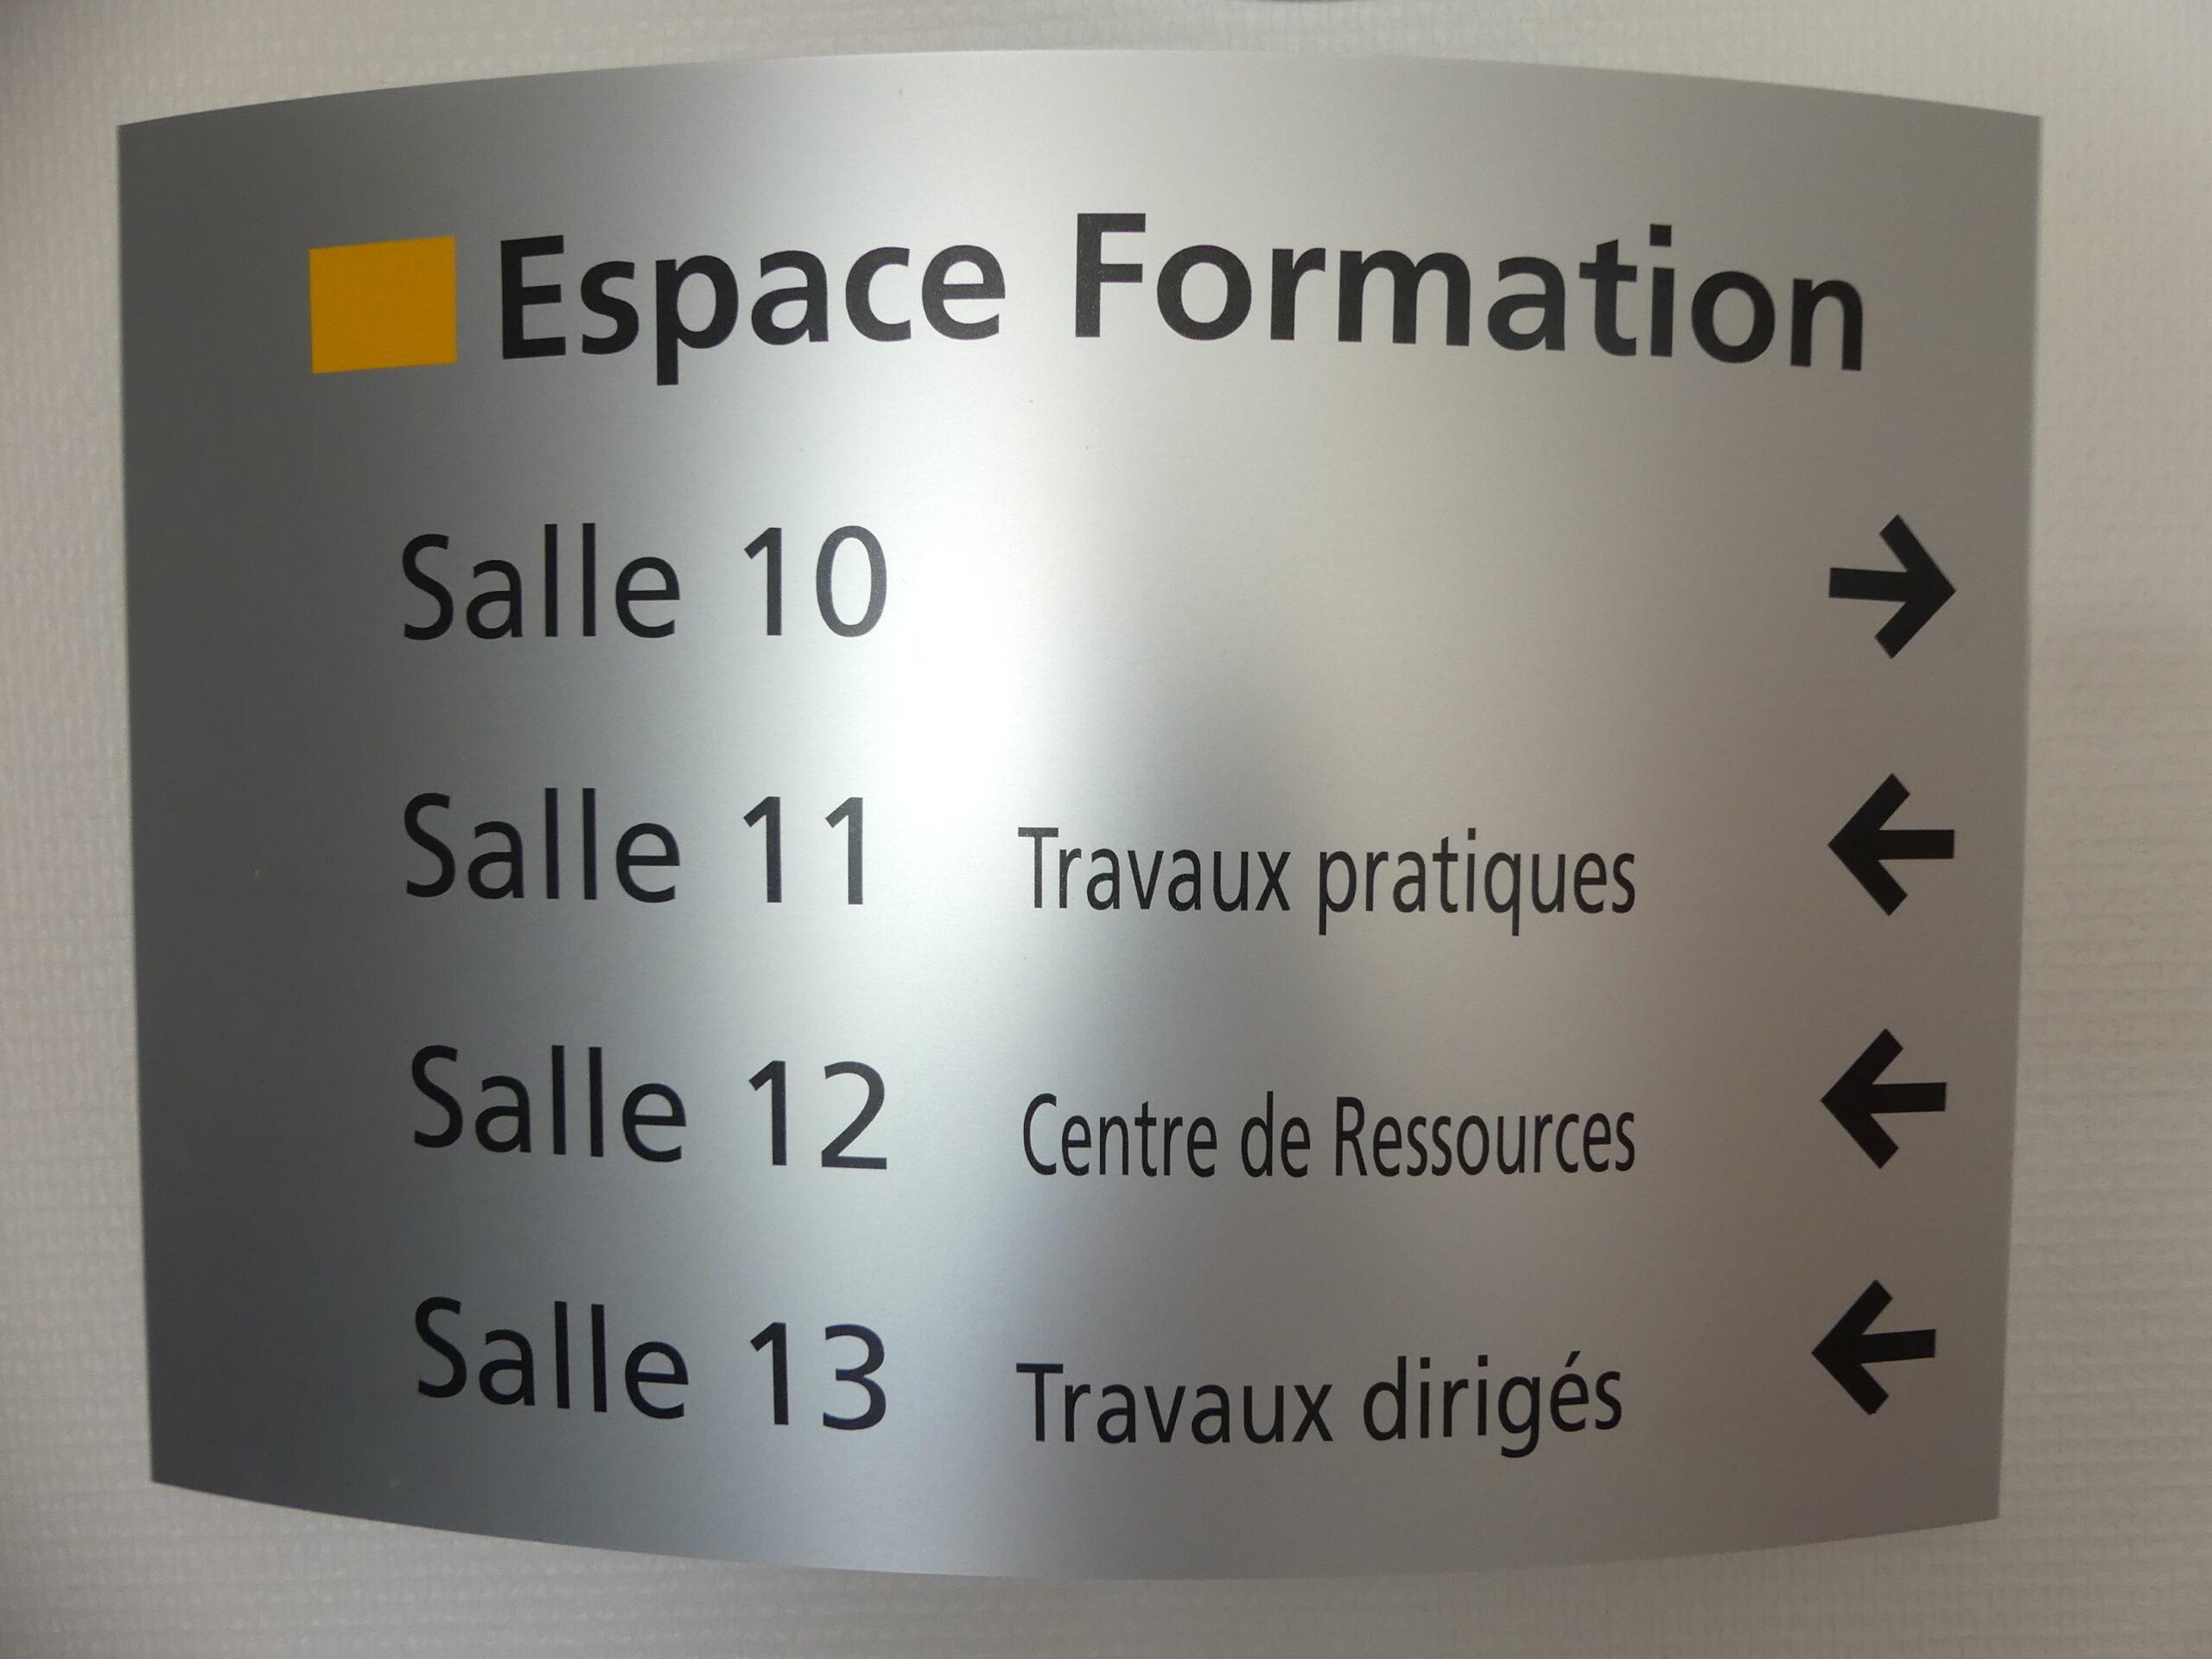 Panneau d'information